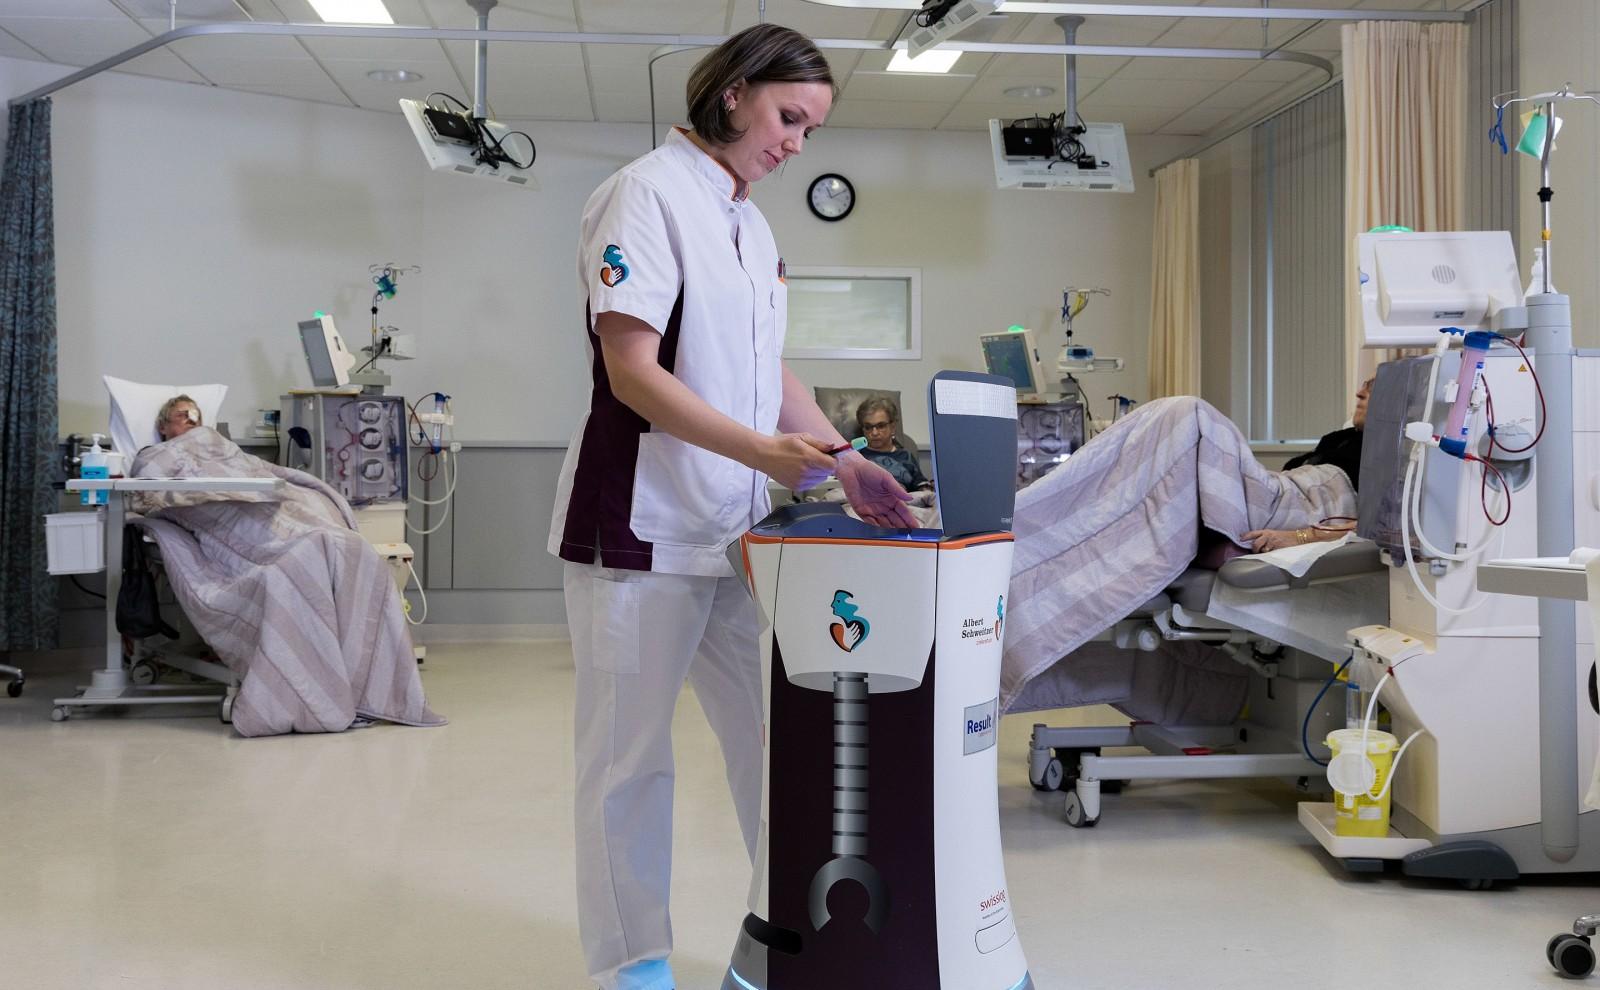 Zorgverlener in ziekenhuis met zorgrobot